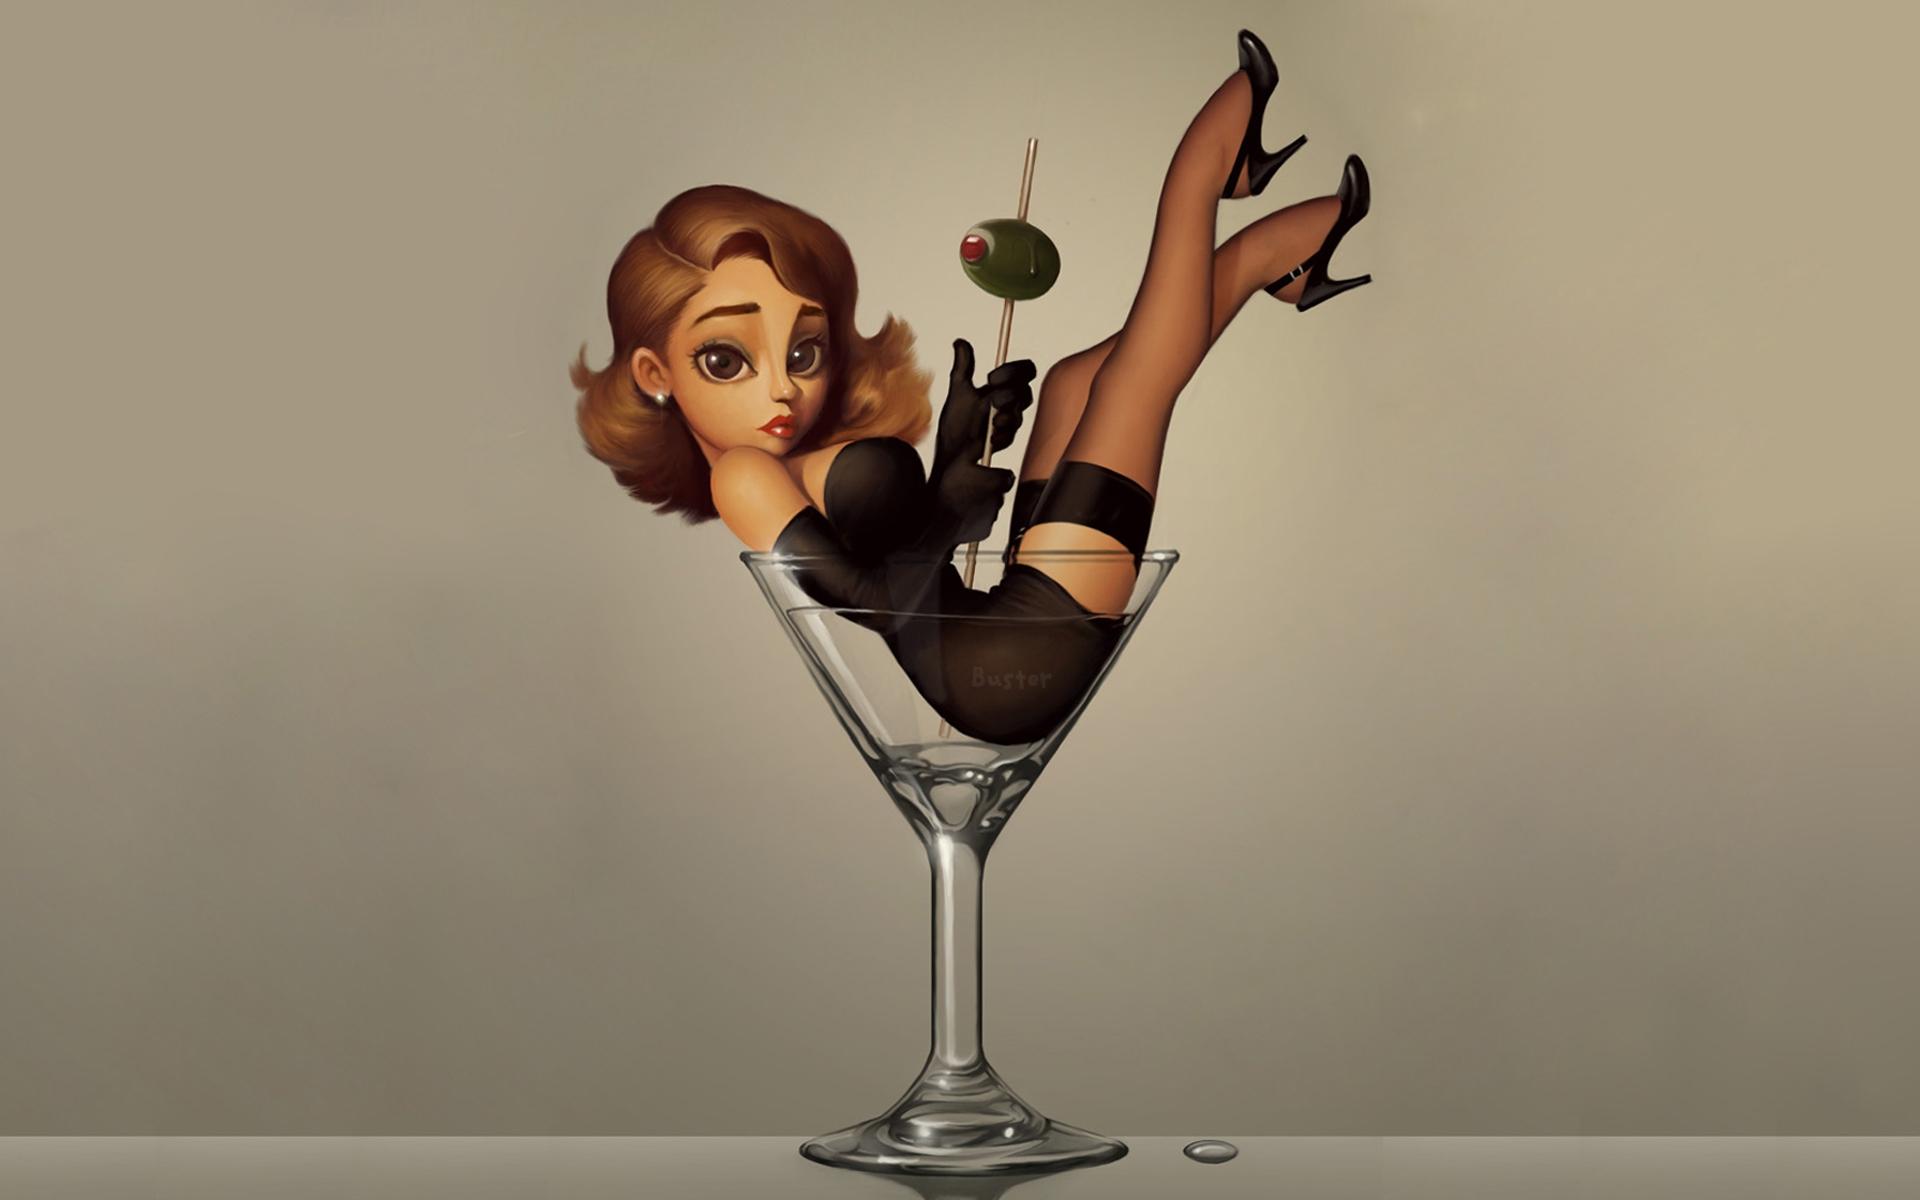 Девушка с бокалом мартини картинки